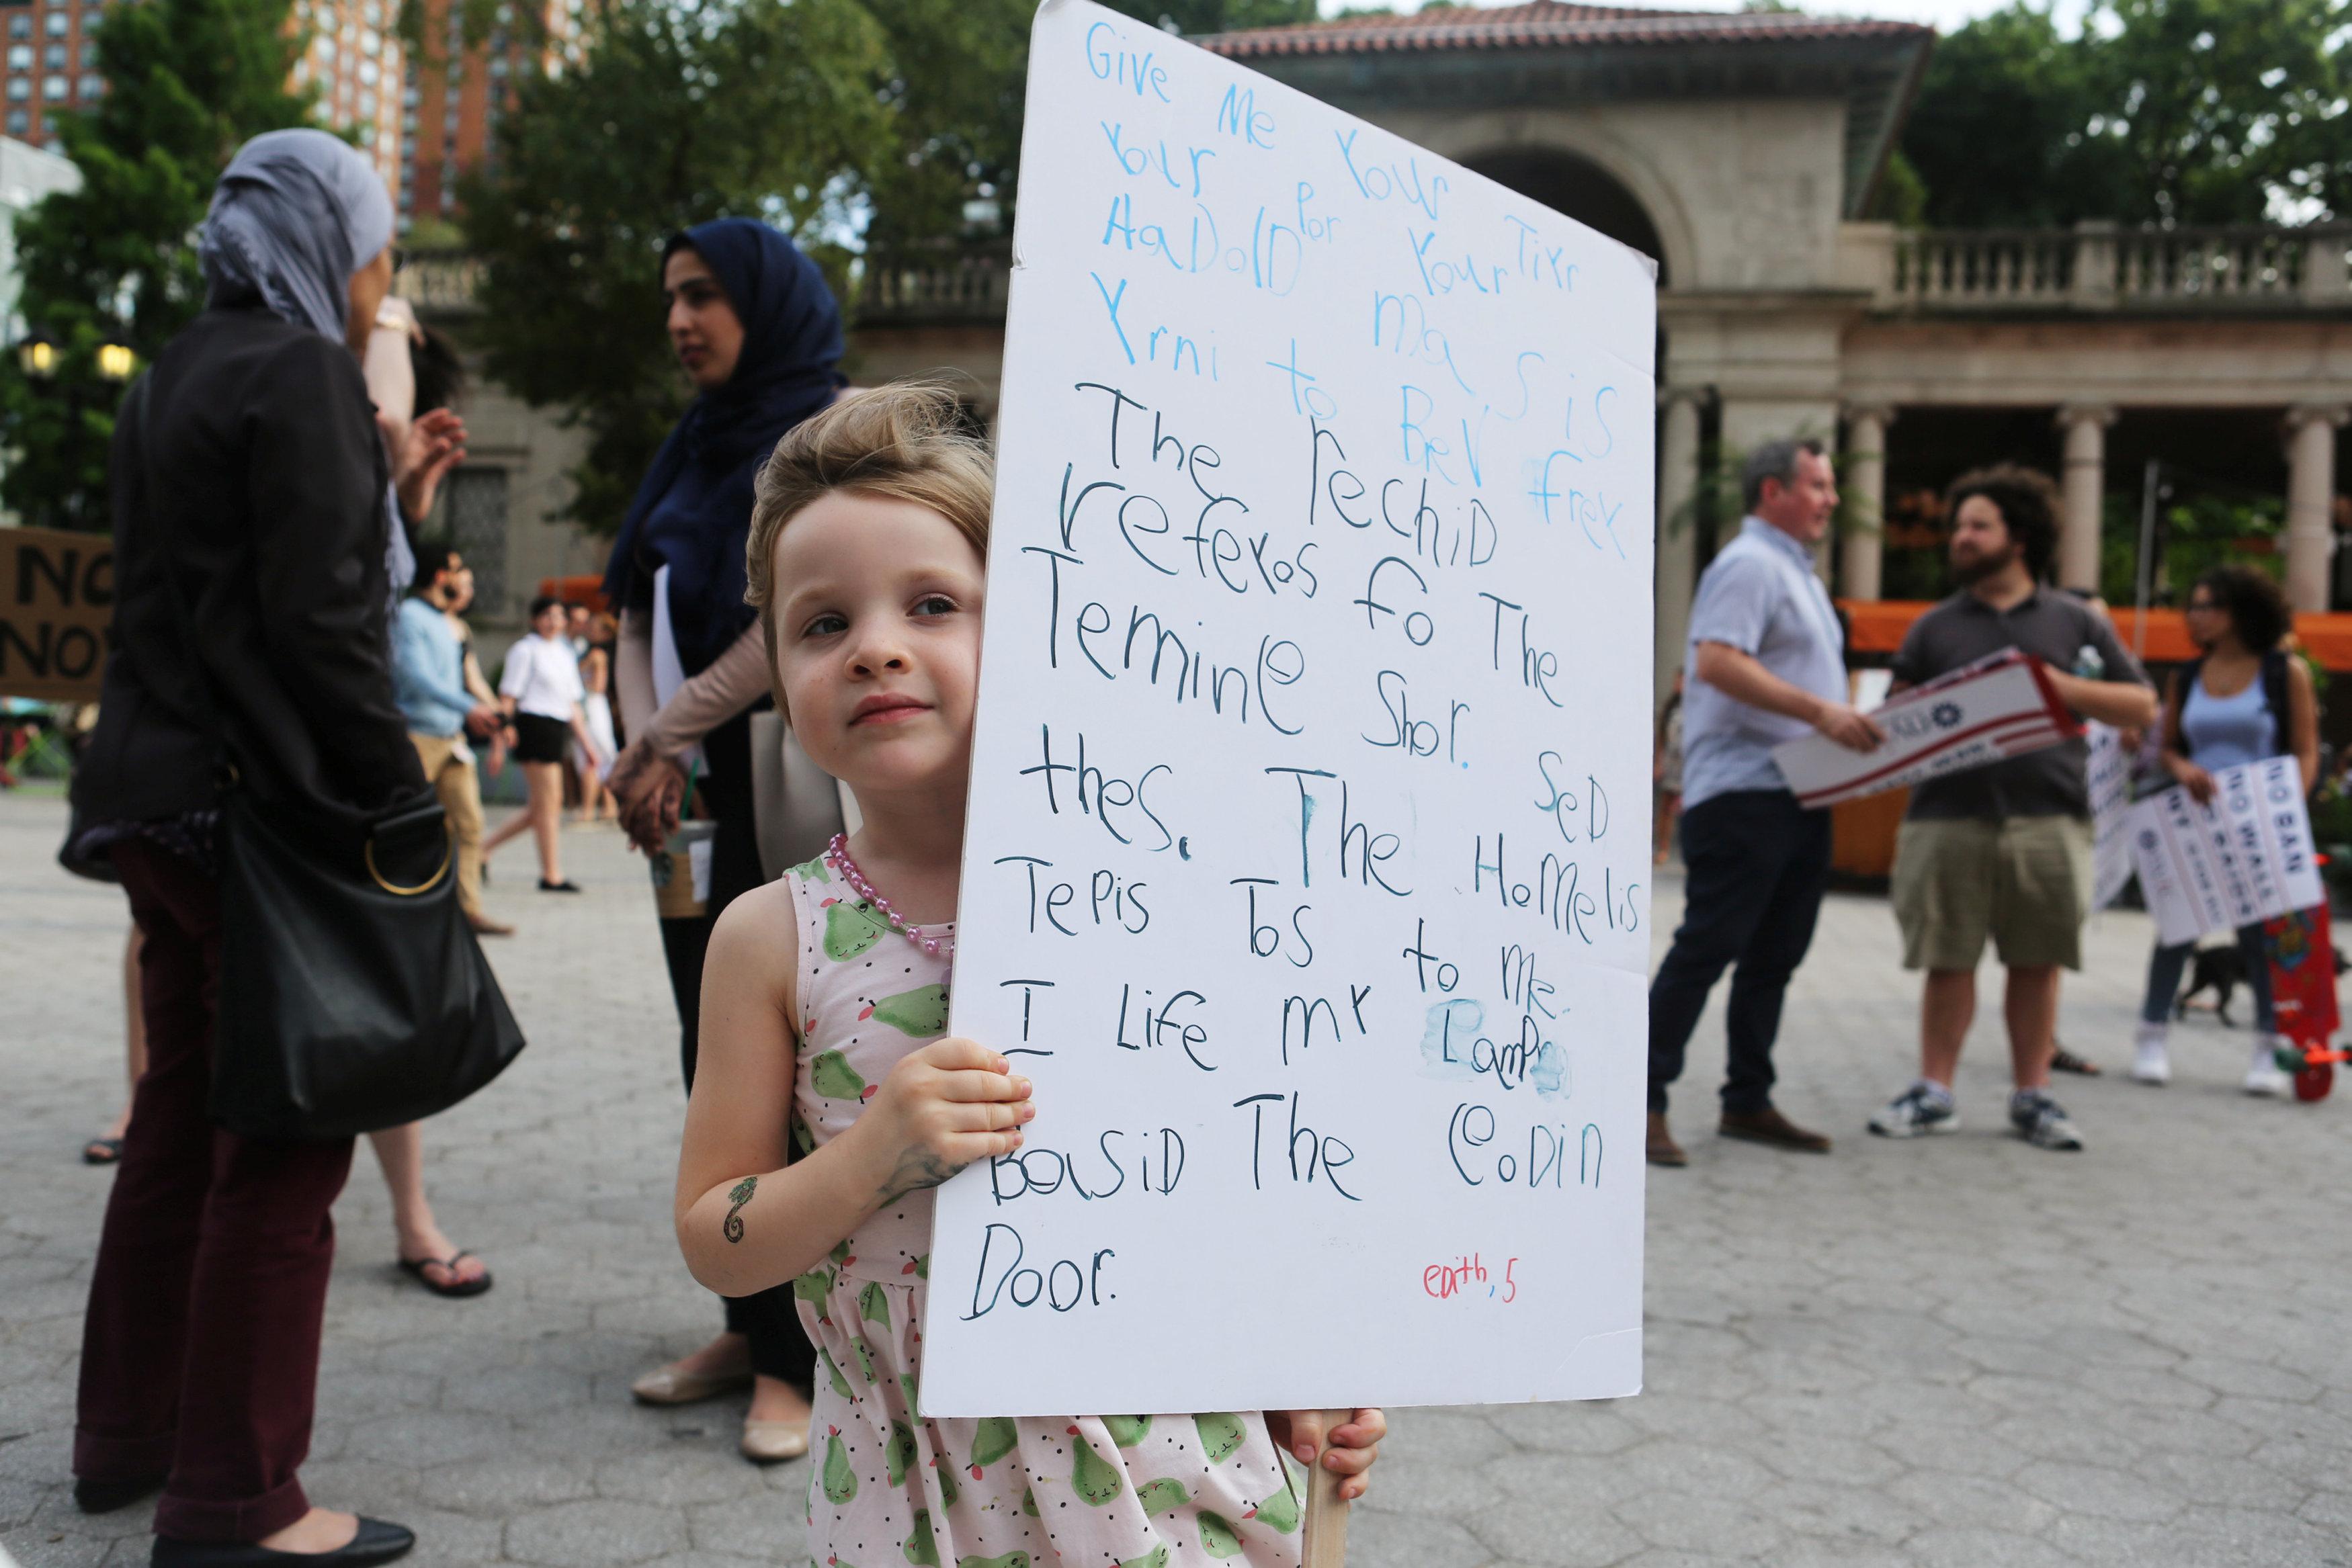 لافتة عن قرار الحظر الرئاسى